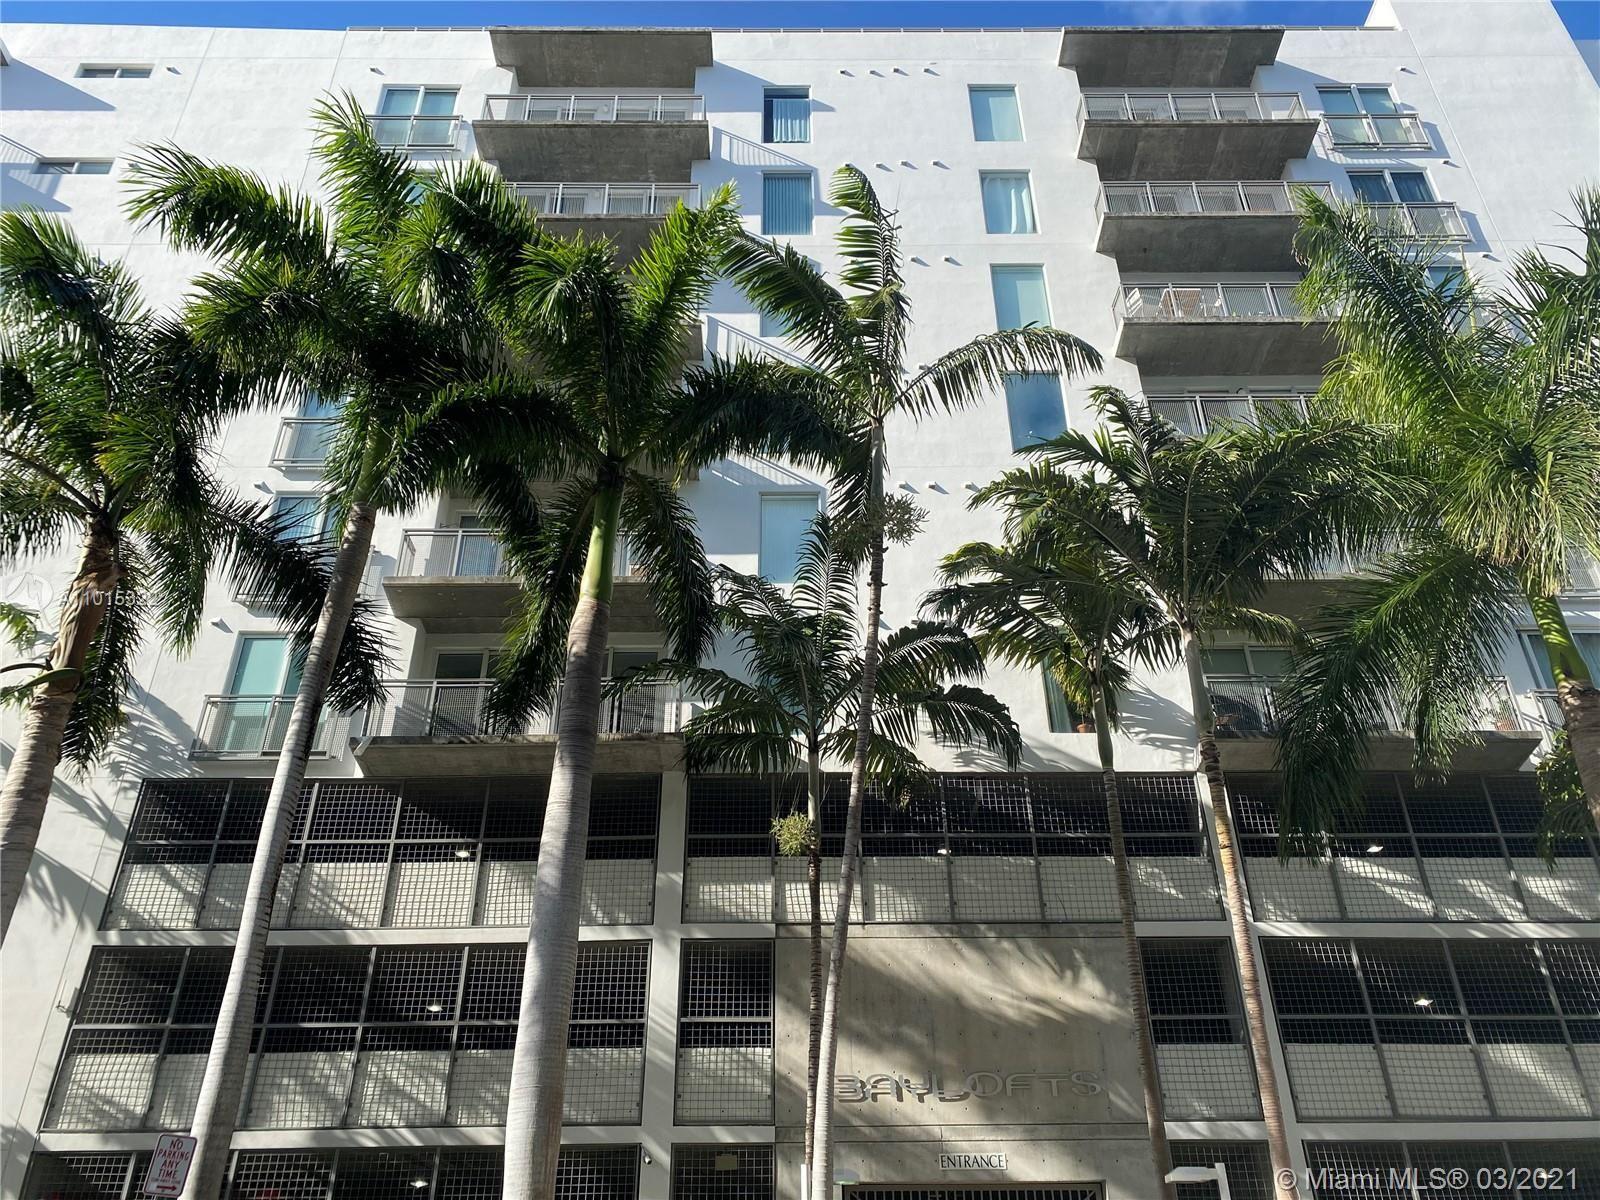 455 NE 25th St #609, Miami, FL 33137 - #: A11015322